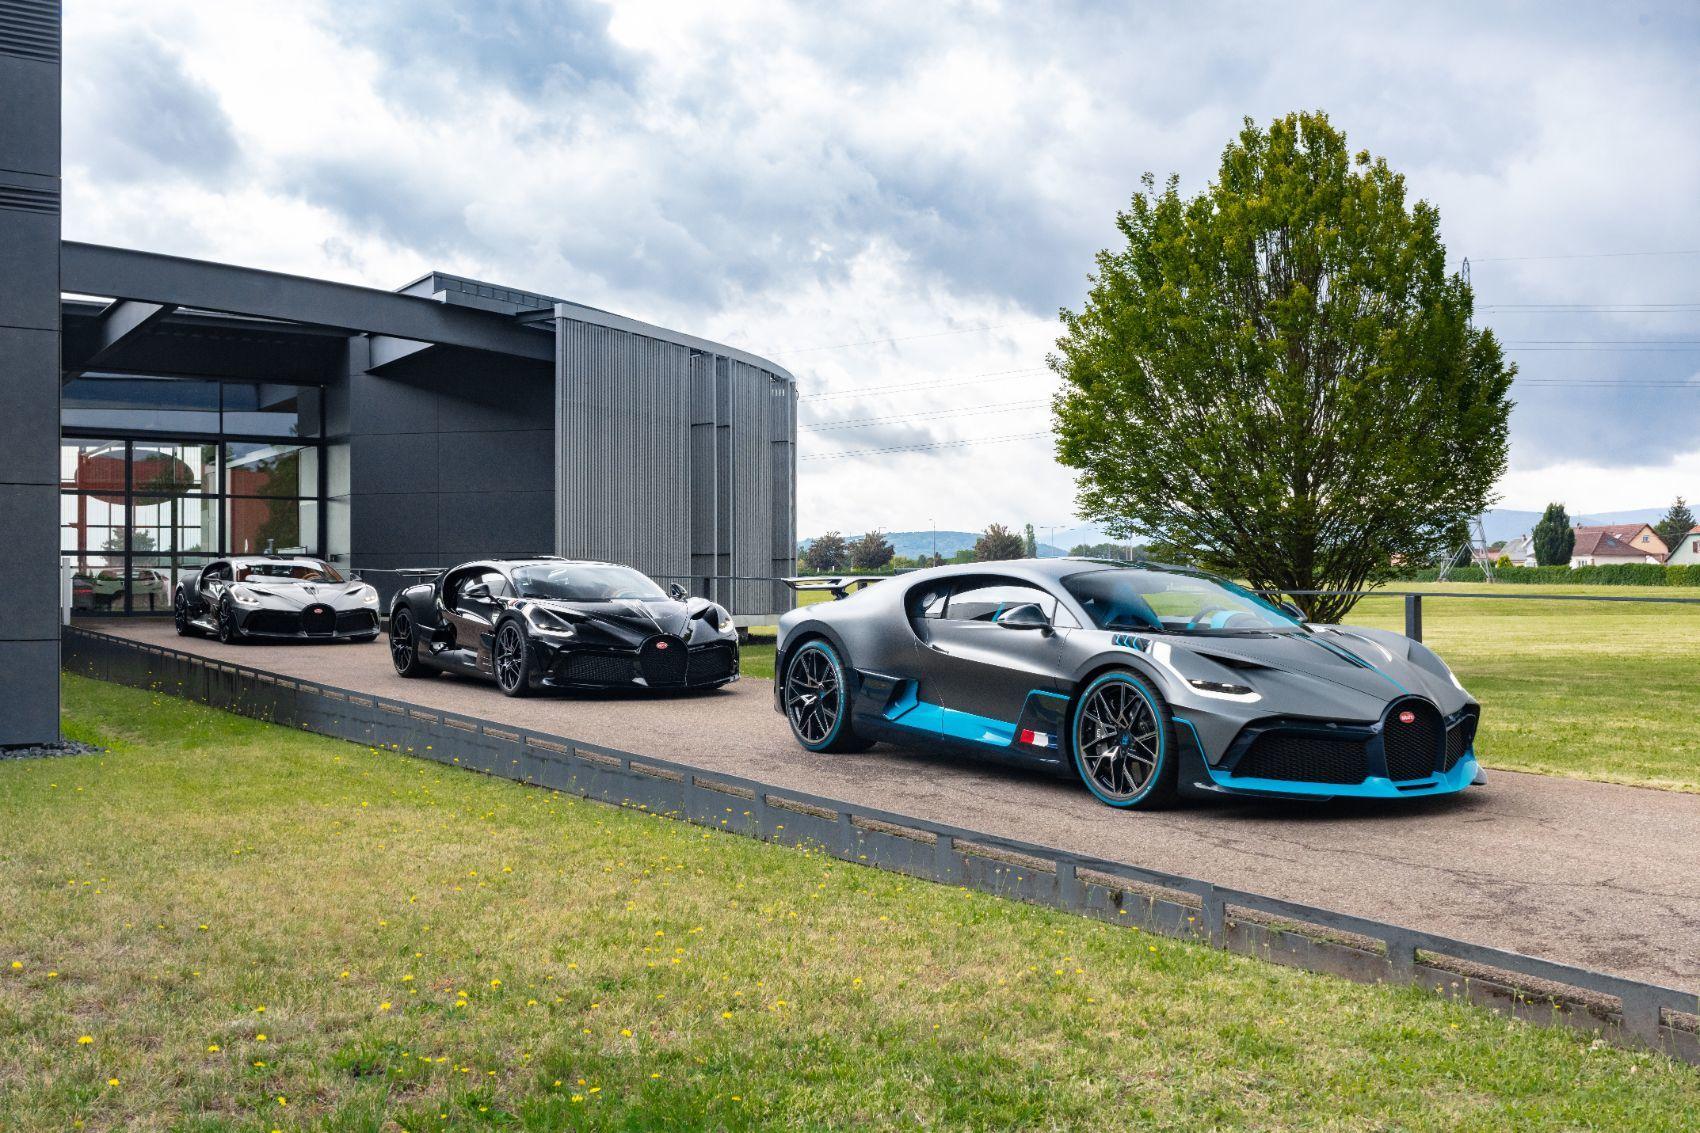 Bugatti Divo: A Glimpse Into What Modern Coachbuilding Looks Like